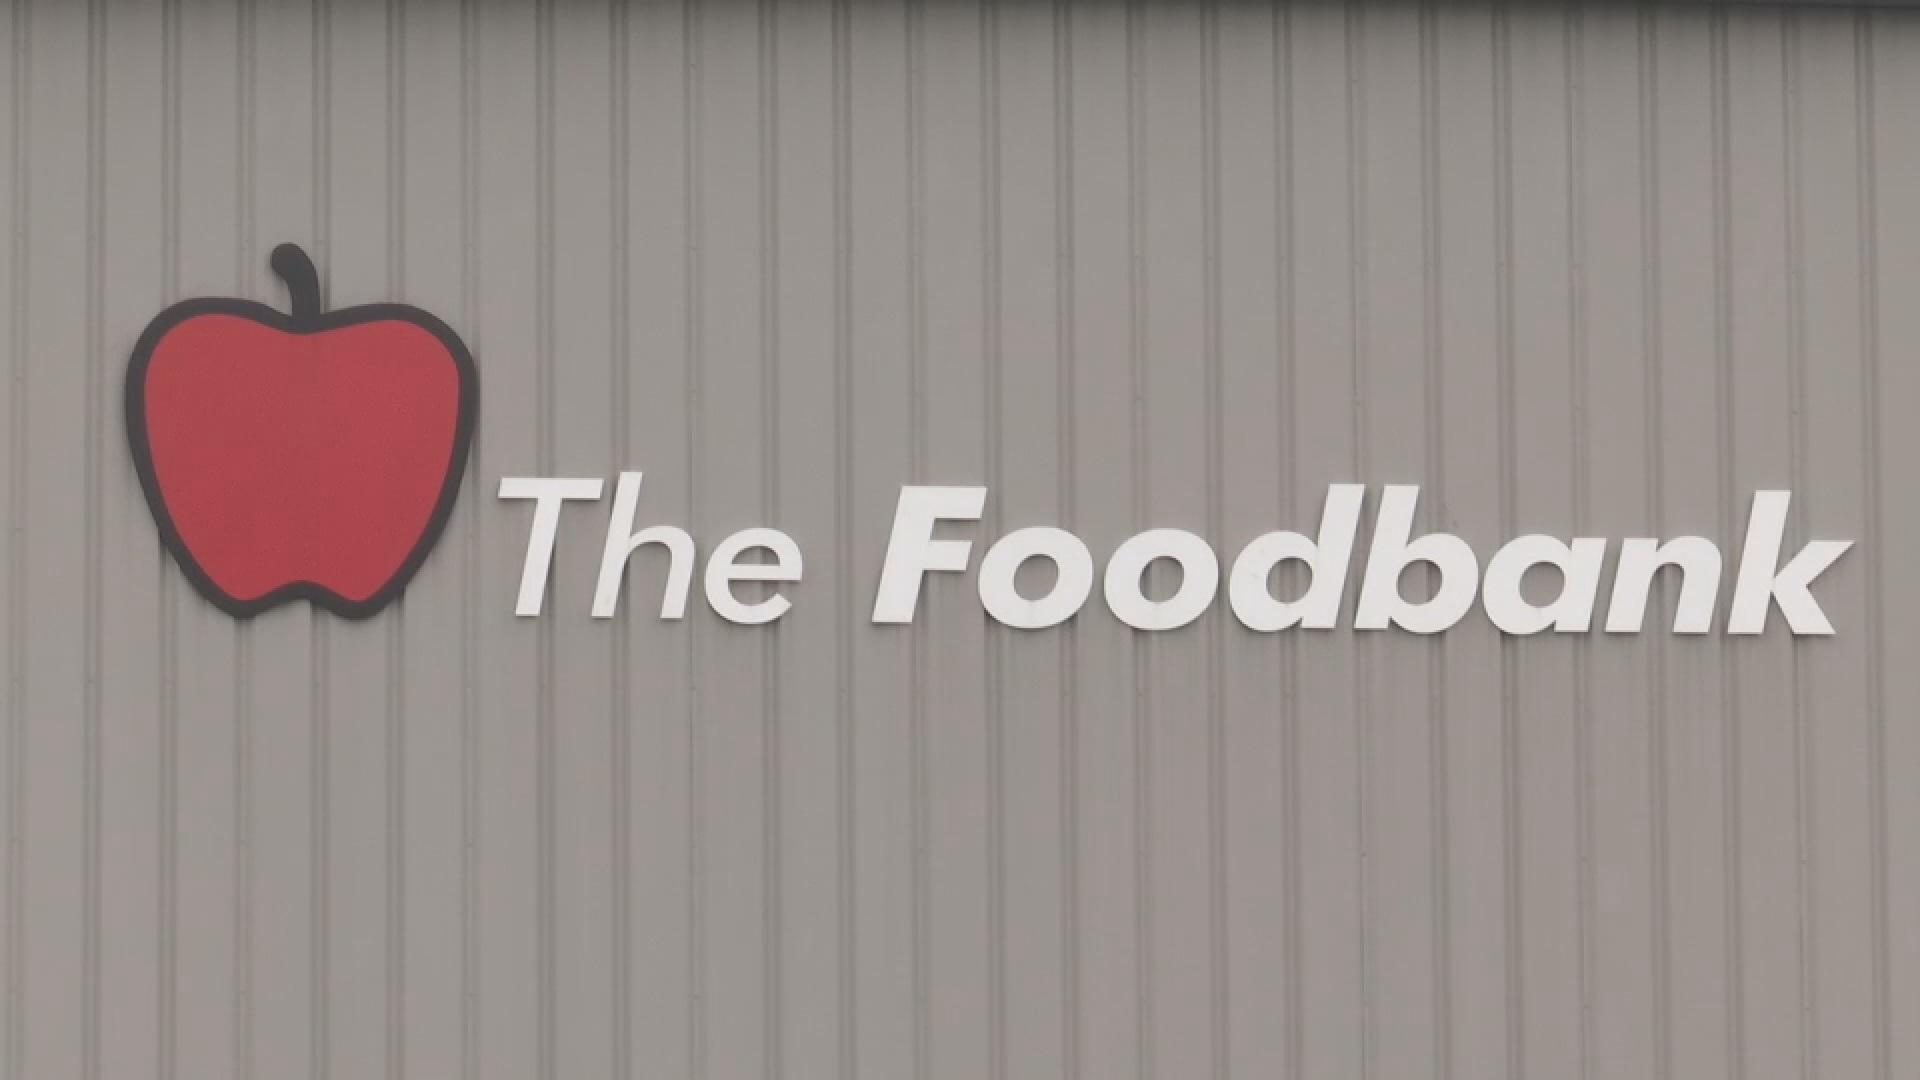 foodbank_1538126224731.jpg